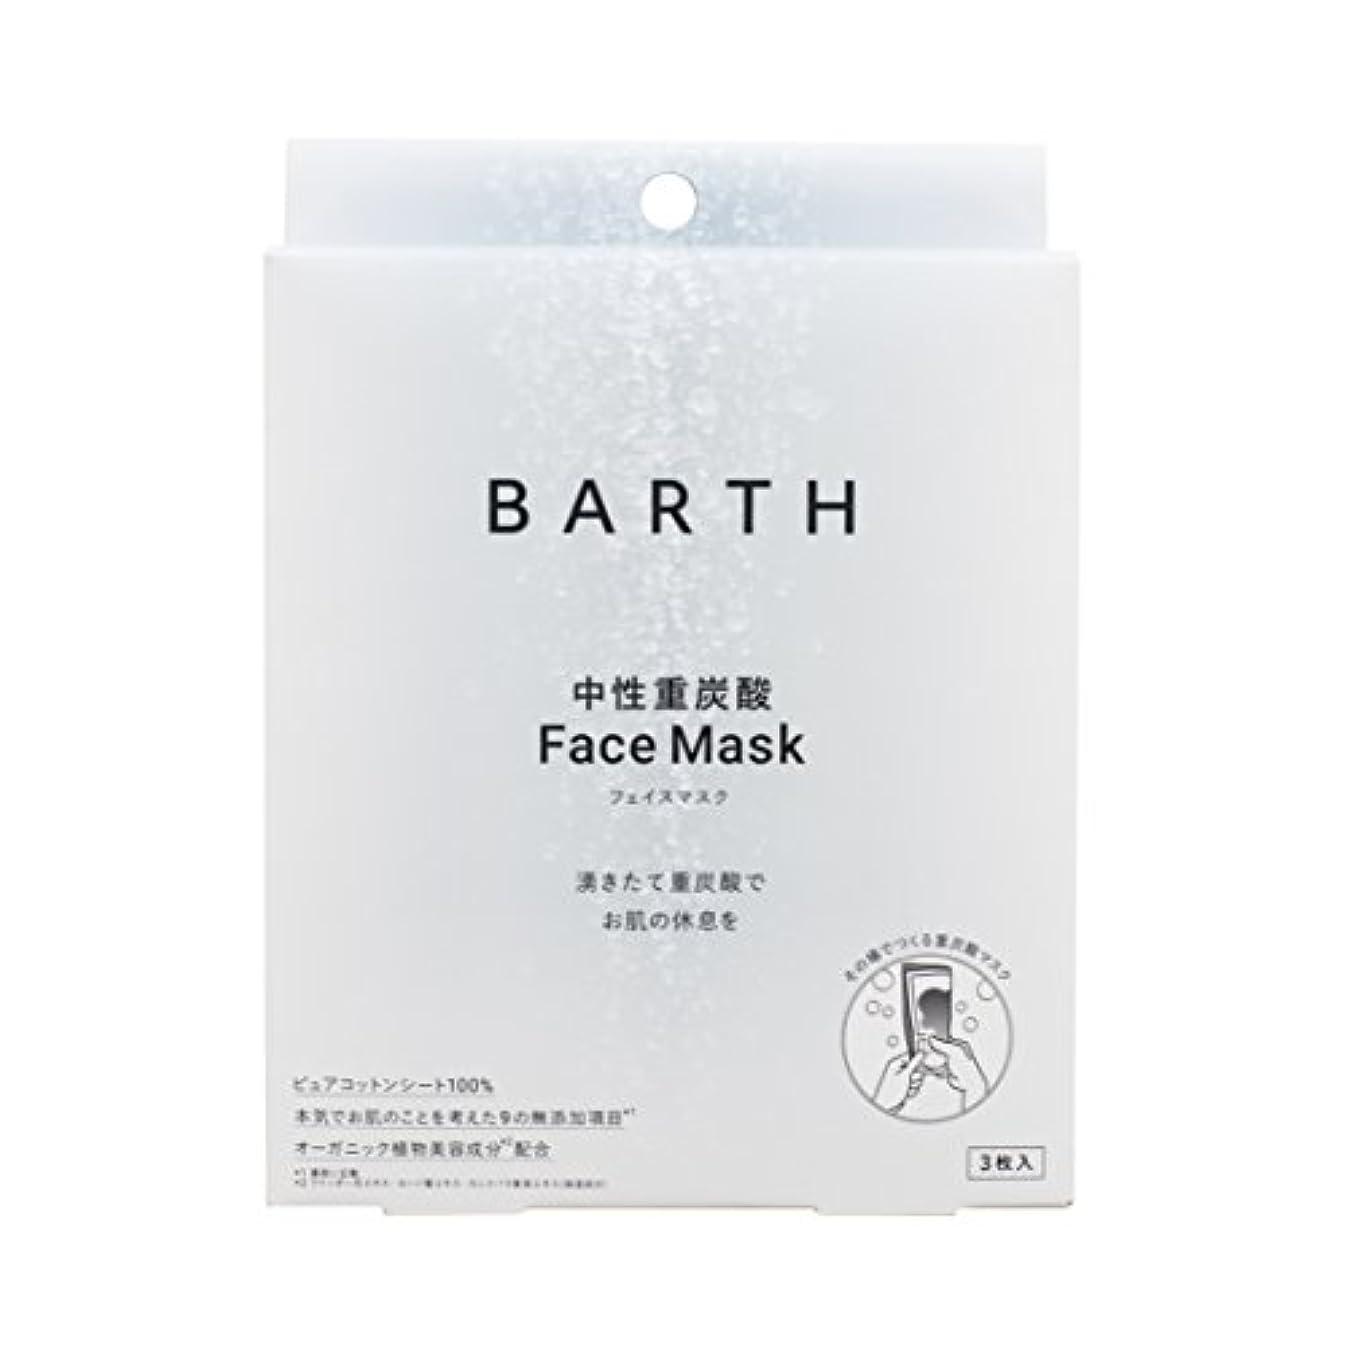 カルシウム別の怒るBARTH【バース】 中性 重炭酸 フェイスマスク (無添加 日本製 ピュアコットン 100% オーガニック植物美容成分3種入り) (3包入り)